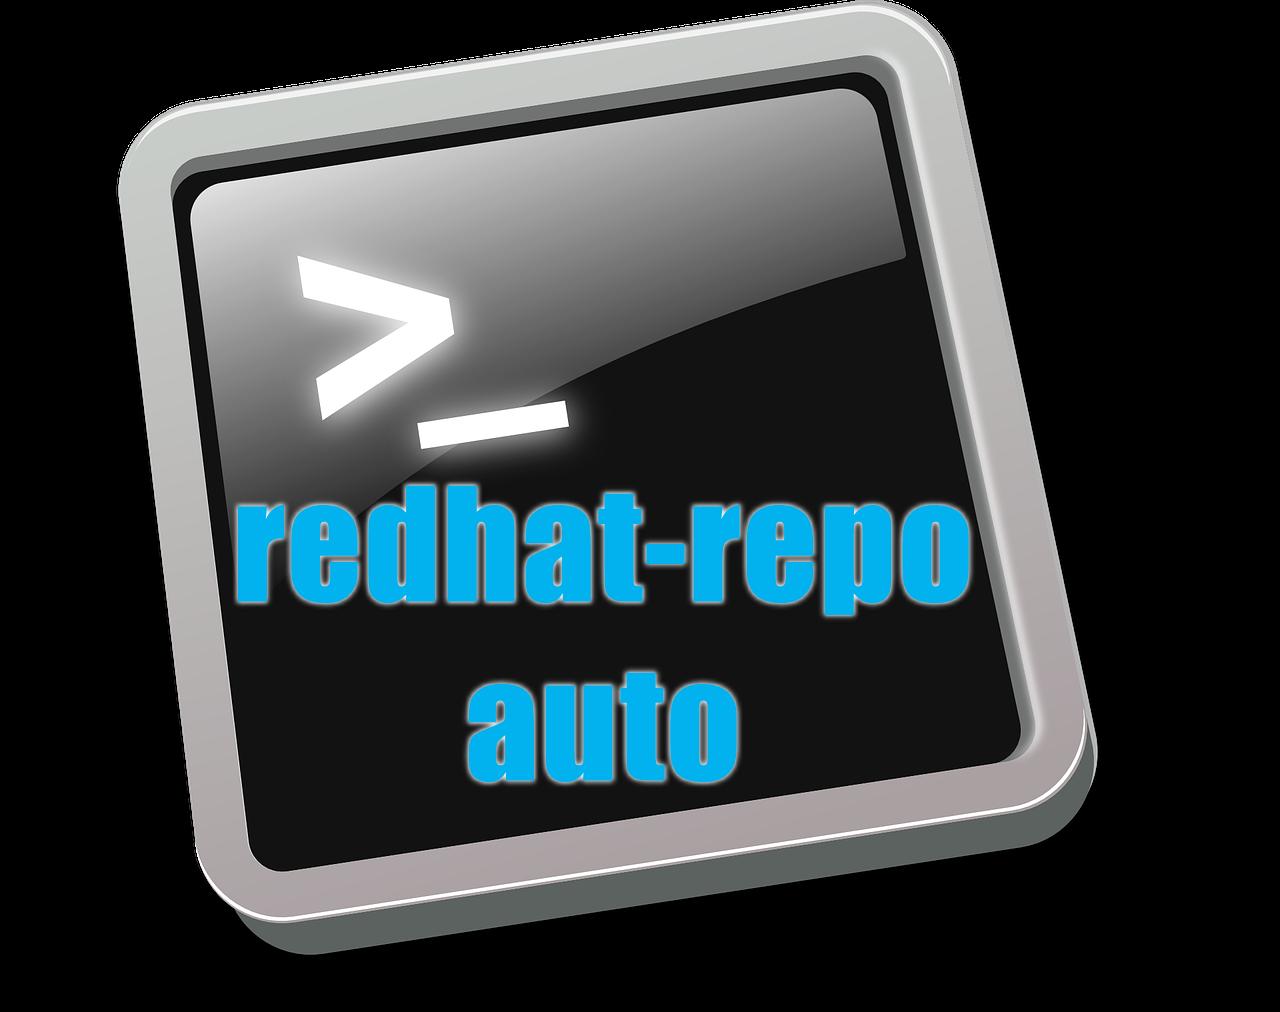 redhat.repoファイルはサブスクリプション登録で自動作成される